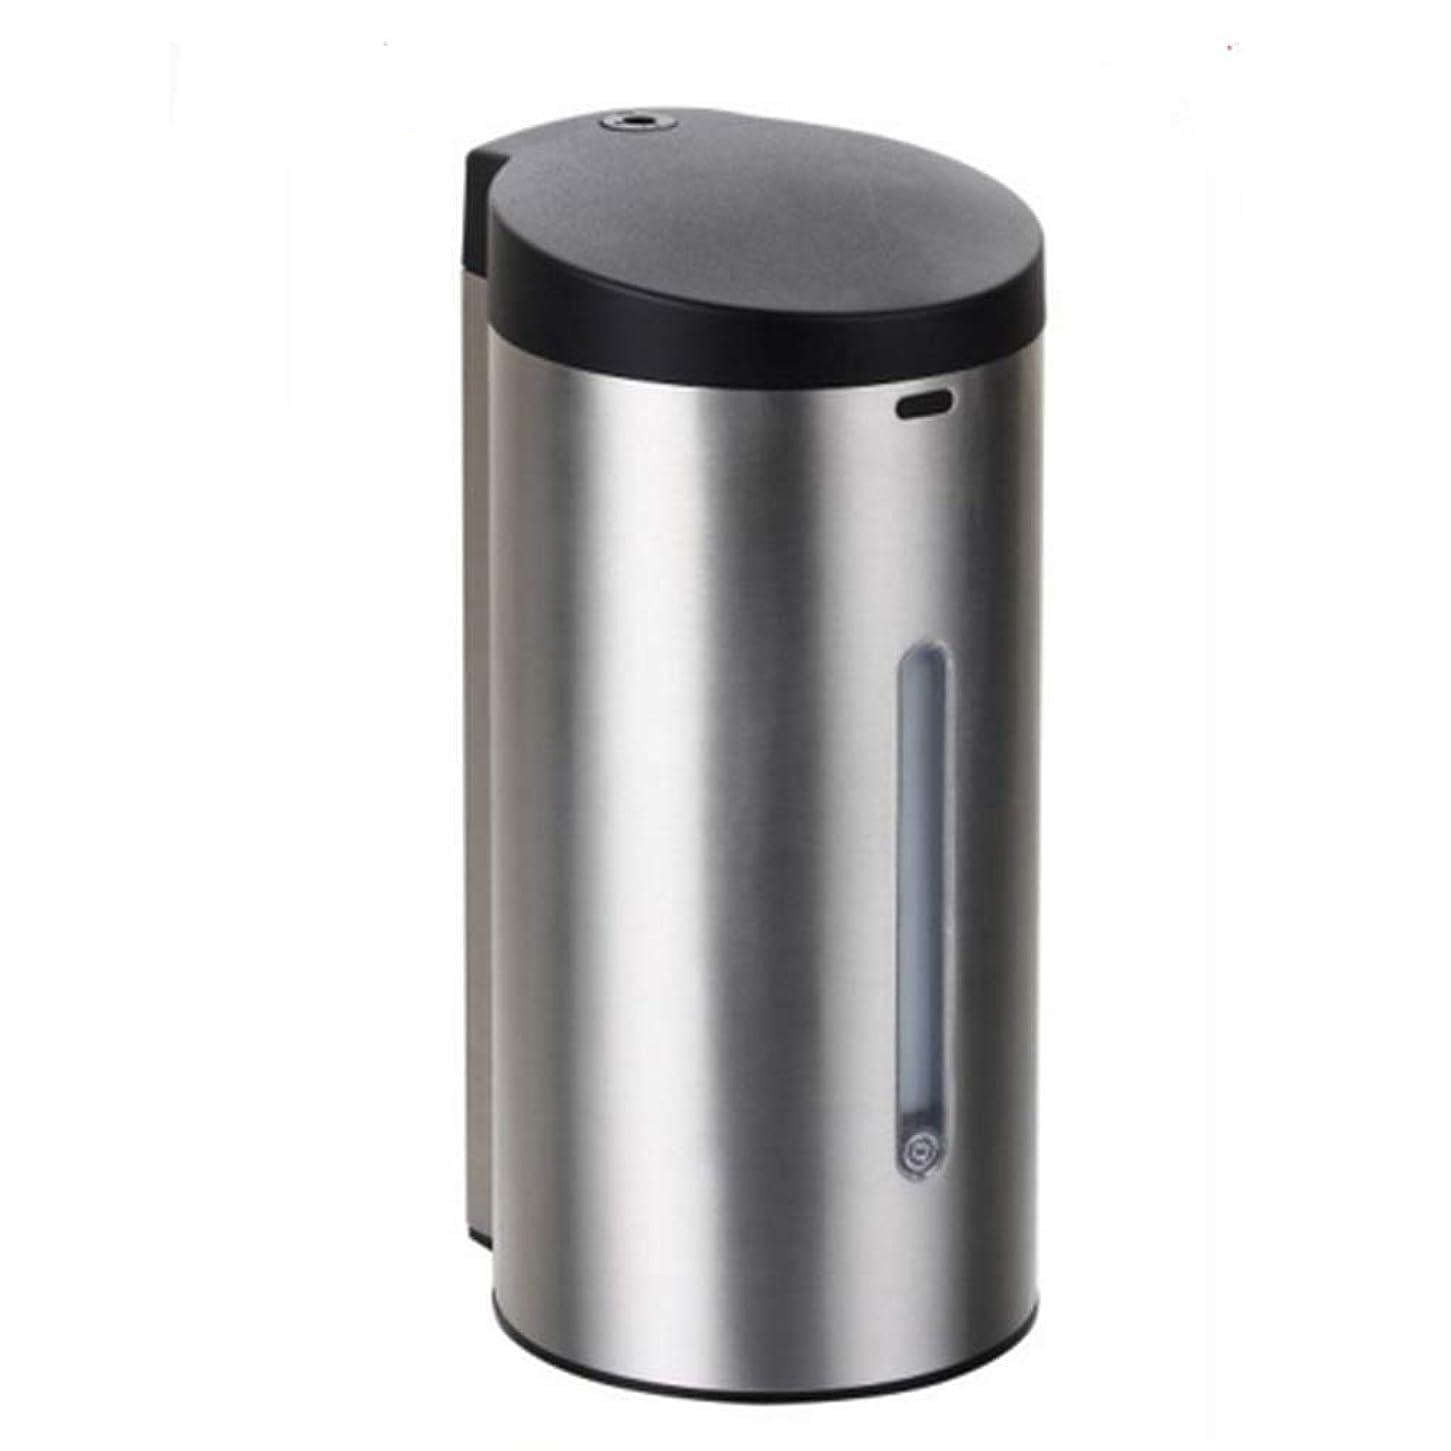 有効な虚偽大声で電池式 オートソープディスペンサー 赤外線センサーポンプソープディスペンサーステンレス 漏れ防止7段調整可 自動 ハンドソープ ータッチ 650ML 9Vバッテリー(6ノット* 1.5V)